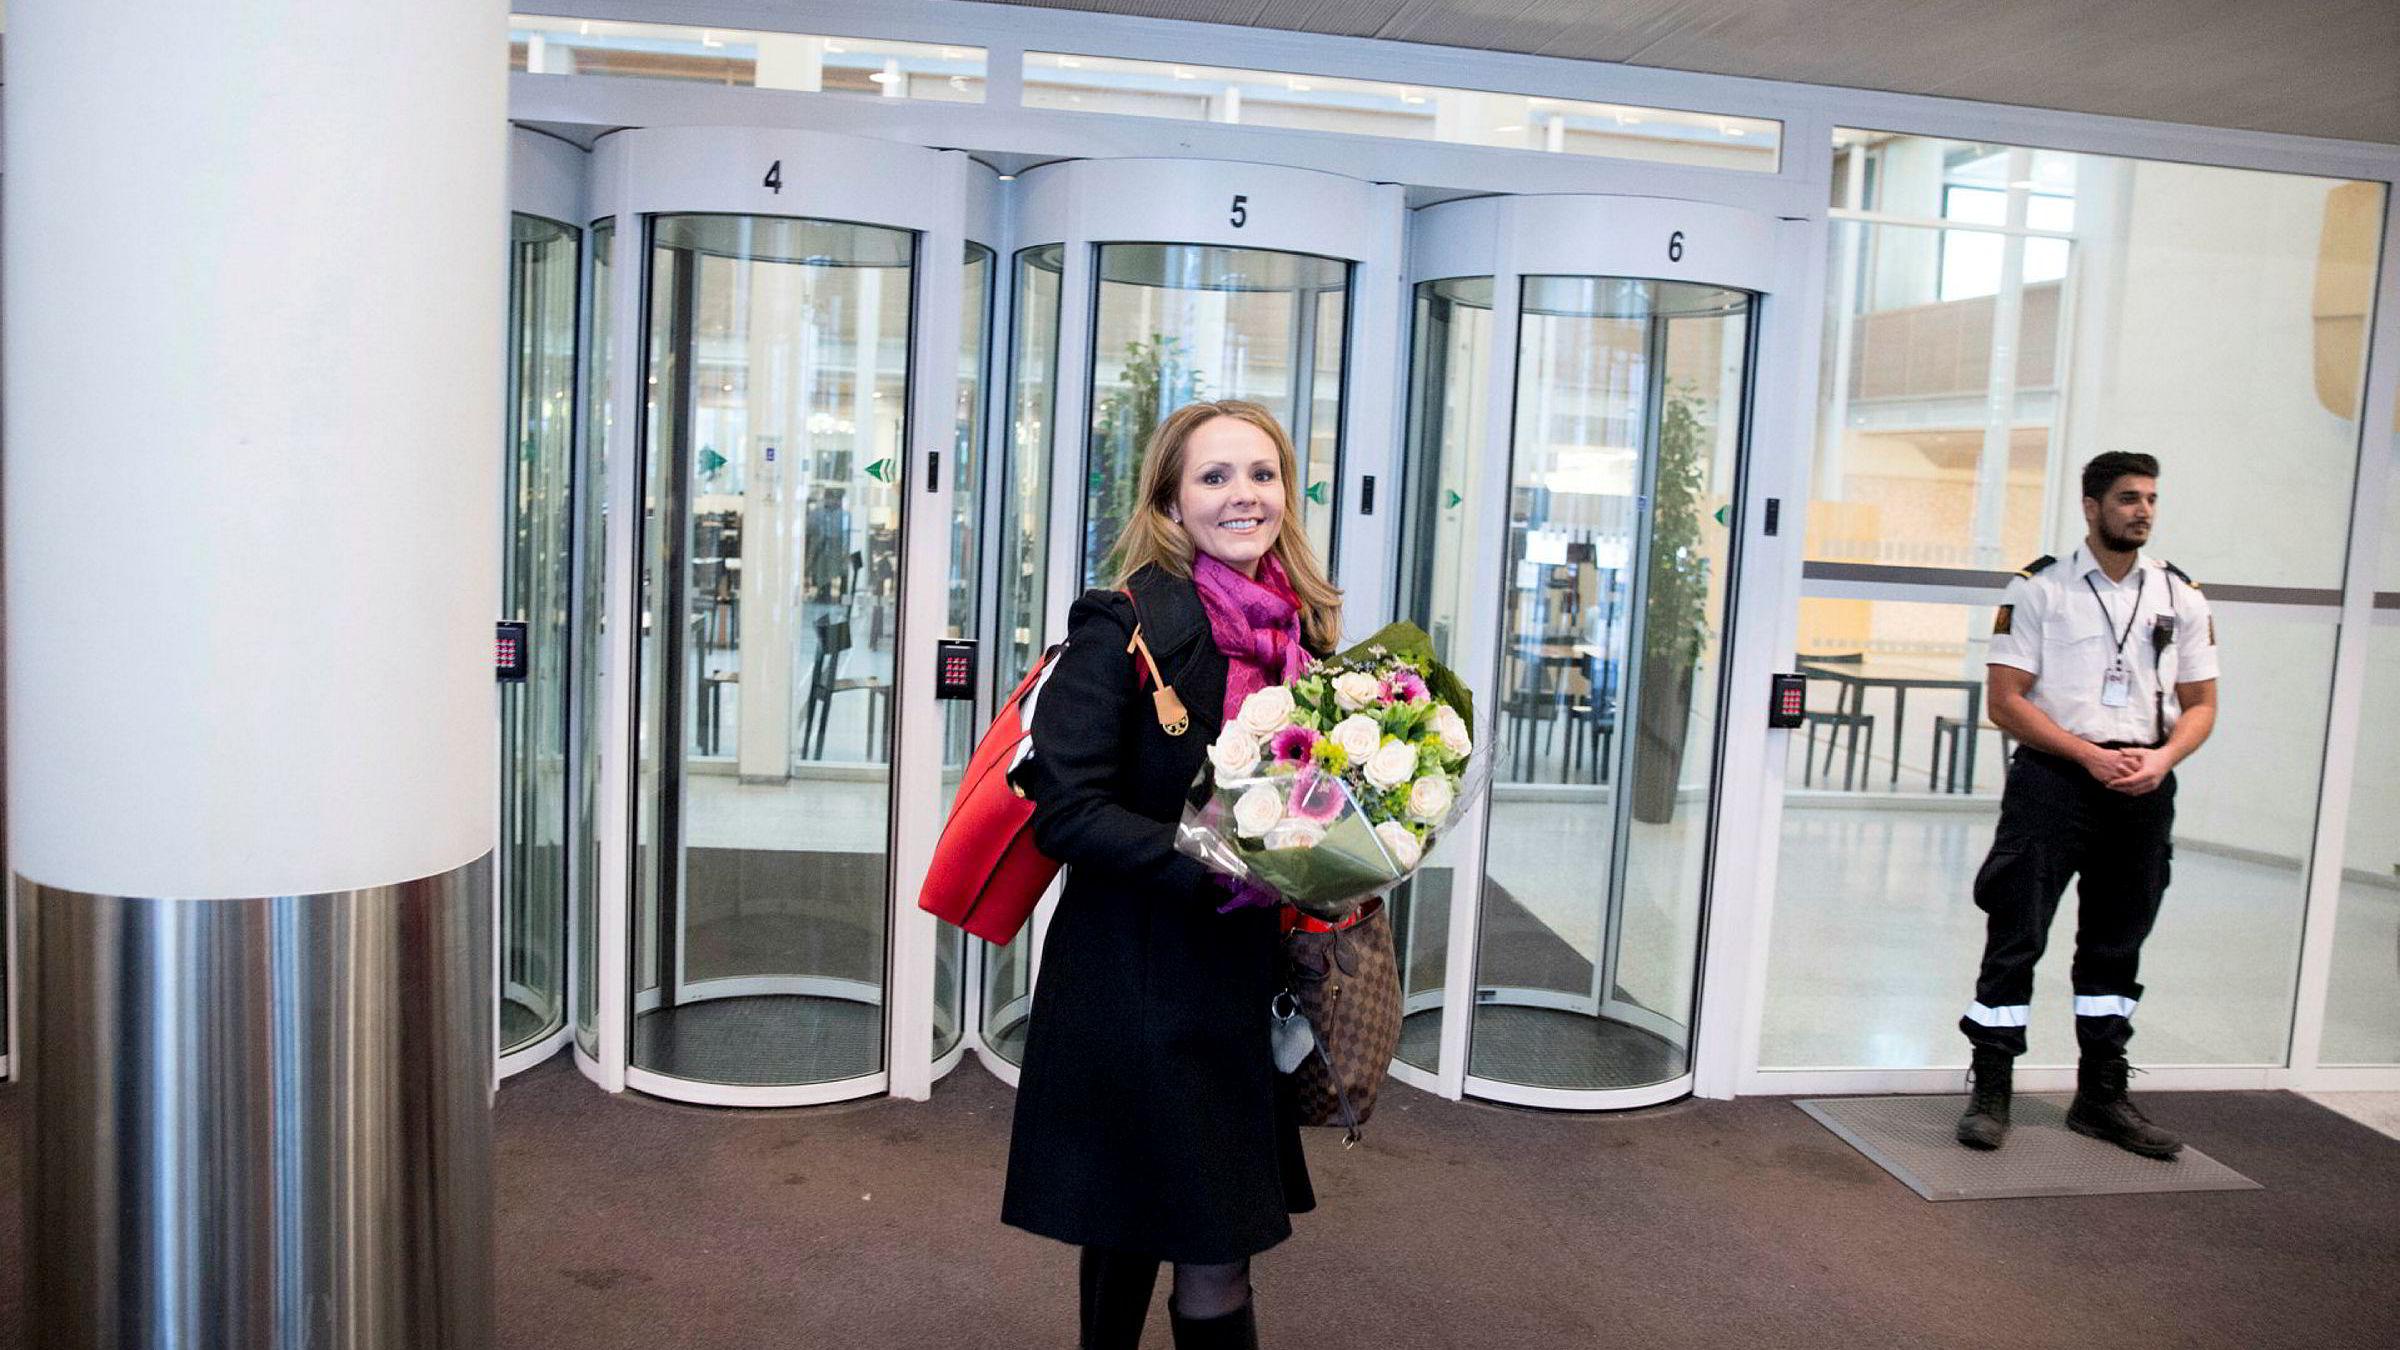 Komitéleder Linda Hofstad Helleland, som også er nyslått distriktsminister, ber nå Høyres landsmøte gjøre et klart vedtak om mer vind- og vannkraft og oppdrett, under forutsetning av at berørte kommuner får belønning.